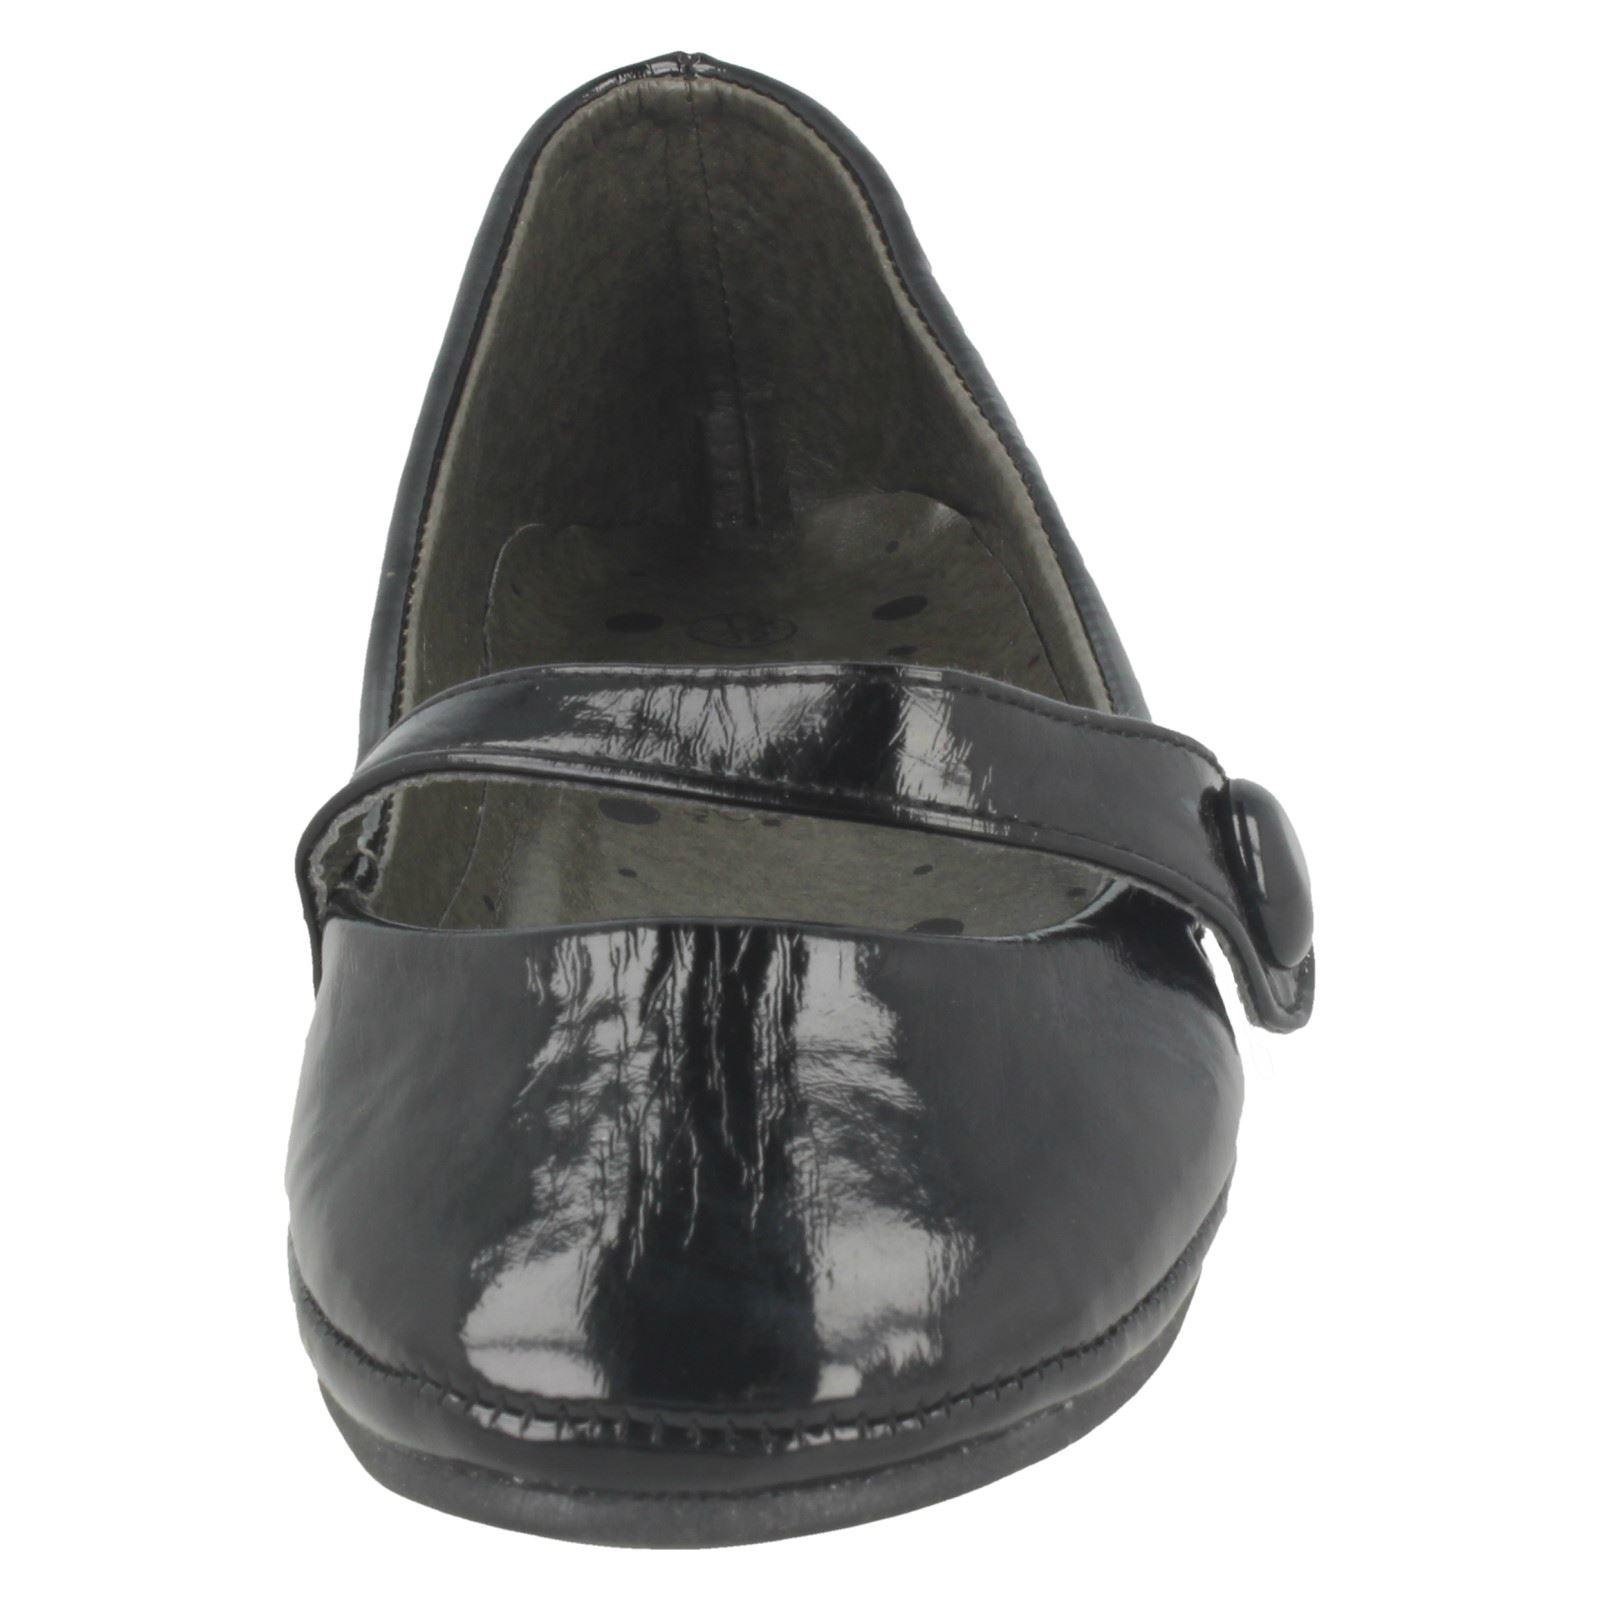 Chicas Bailarina Zapatos Planos punto en H2151